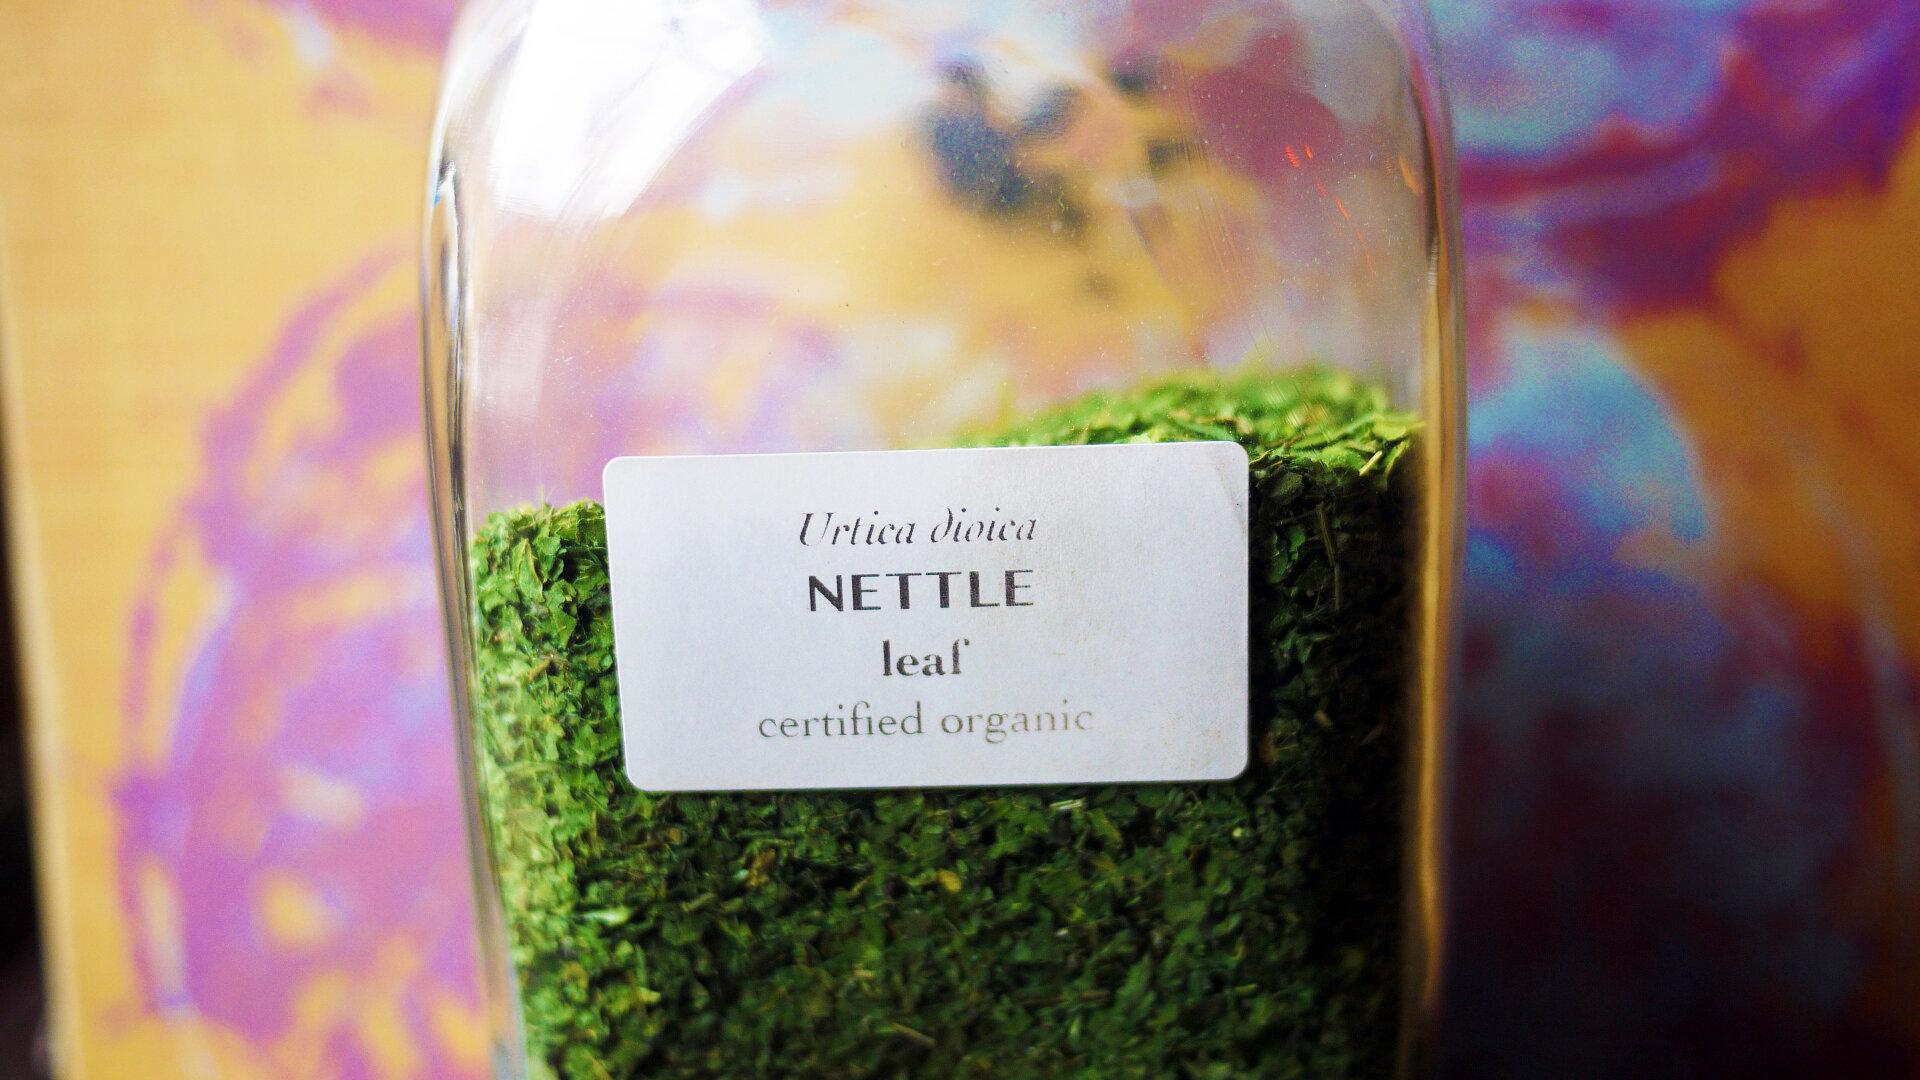 Nettleleaf.jpg